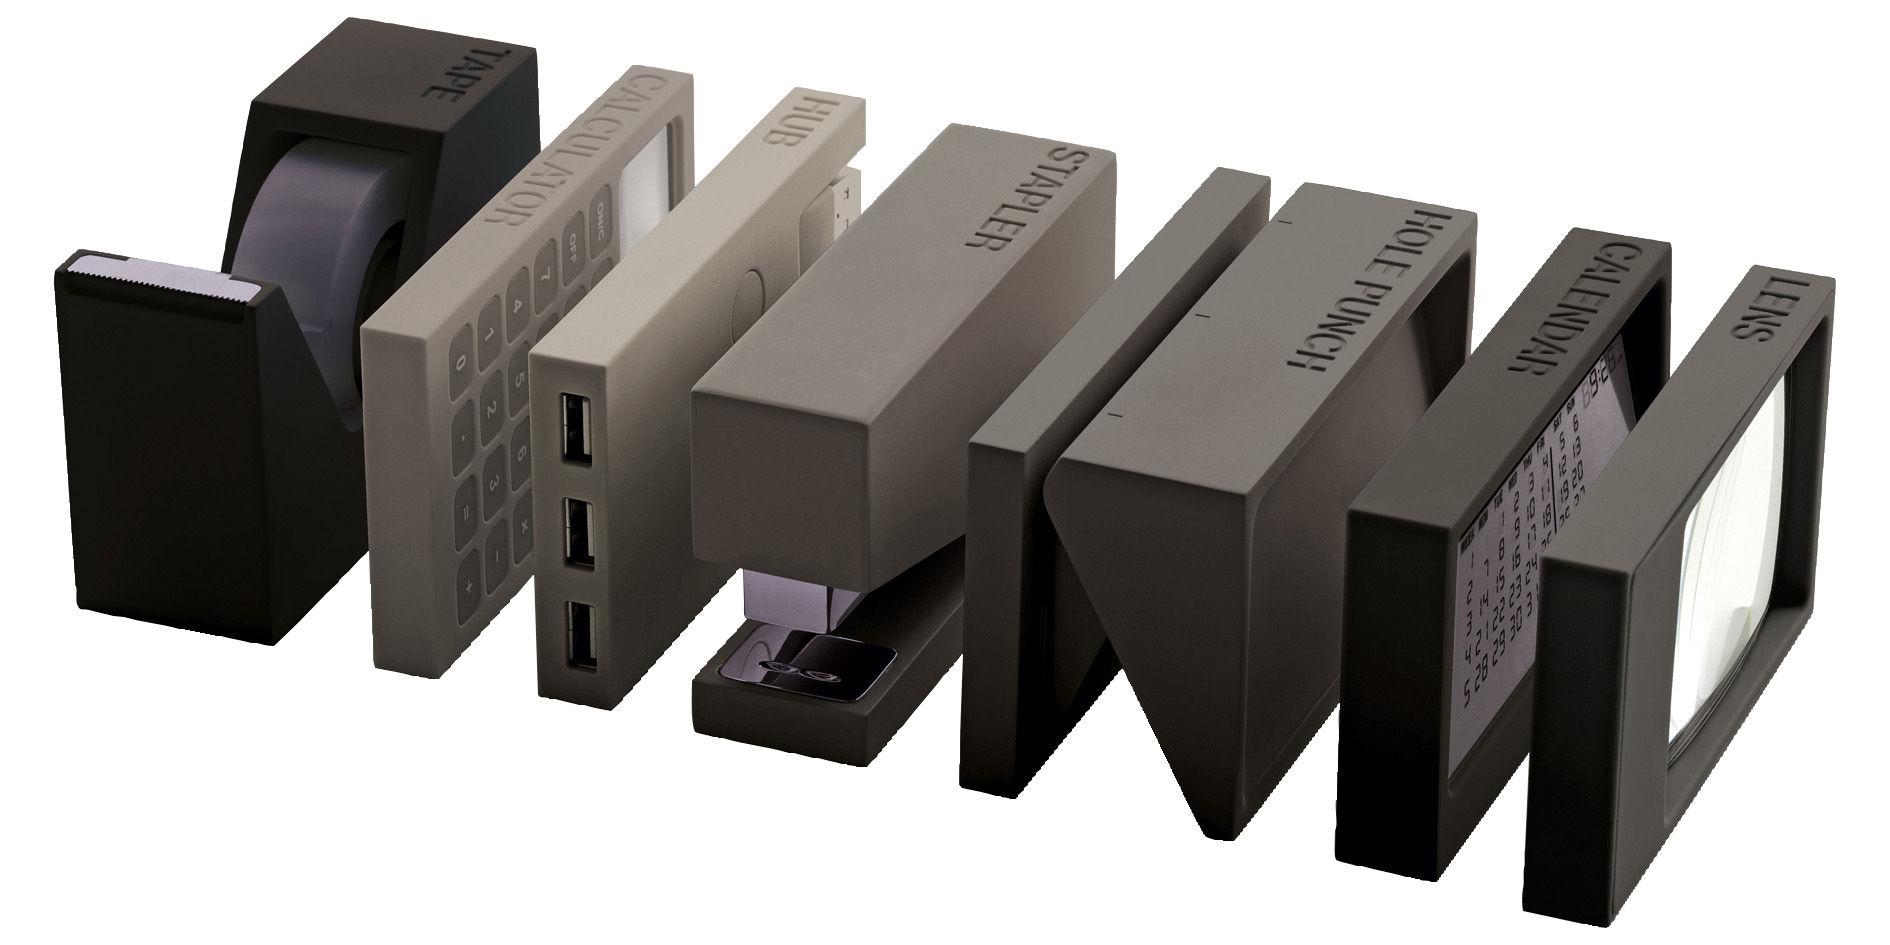 Accessori ufficio buro lexon grigio l 25 4 x l 9 x h 13 made in design - Accessori ufficio design ...